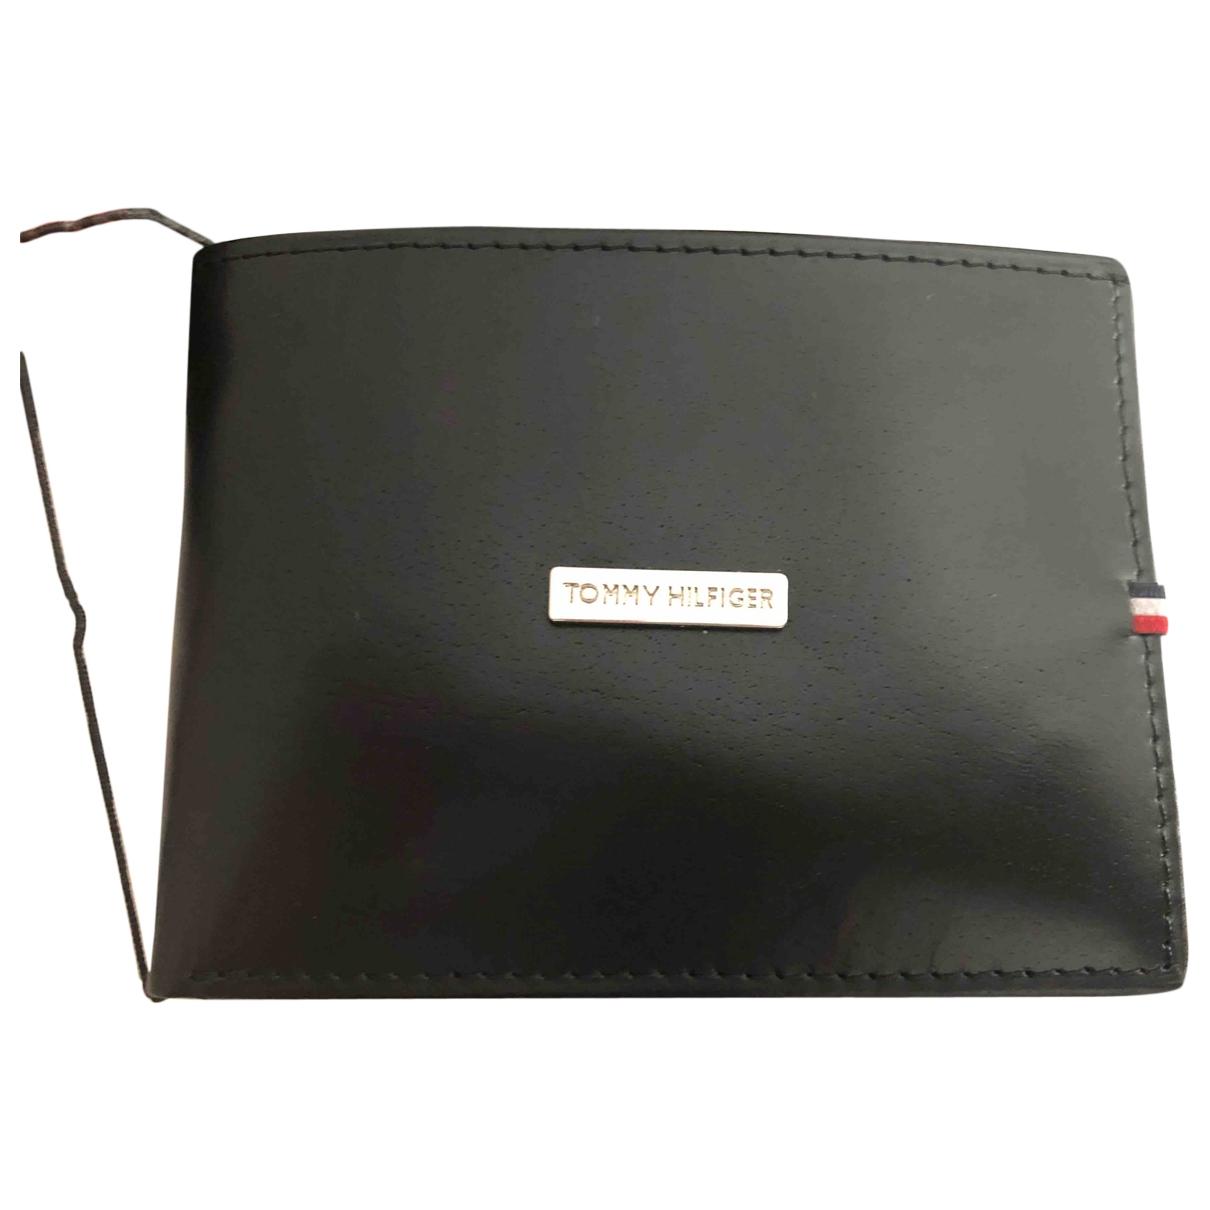 Tommy Hilfiger \N Black Leather Small bag, wallet & cases for Men \N